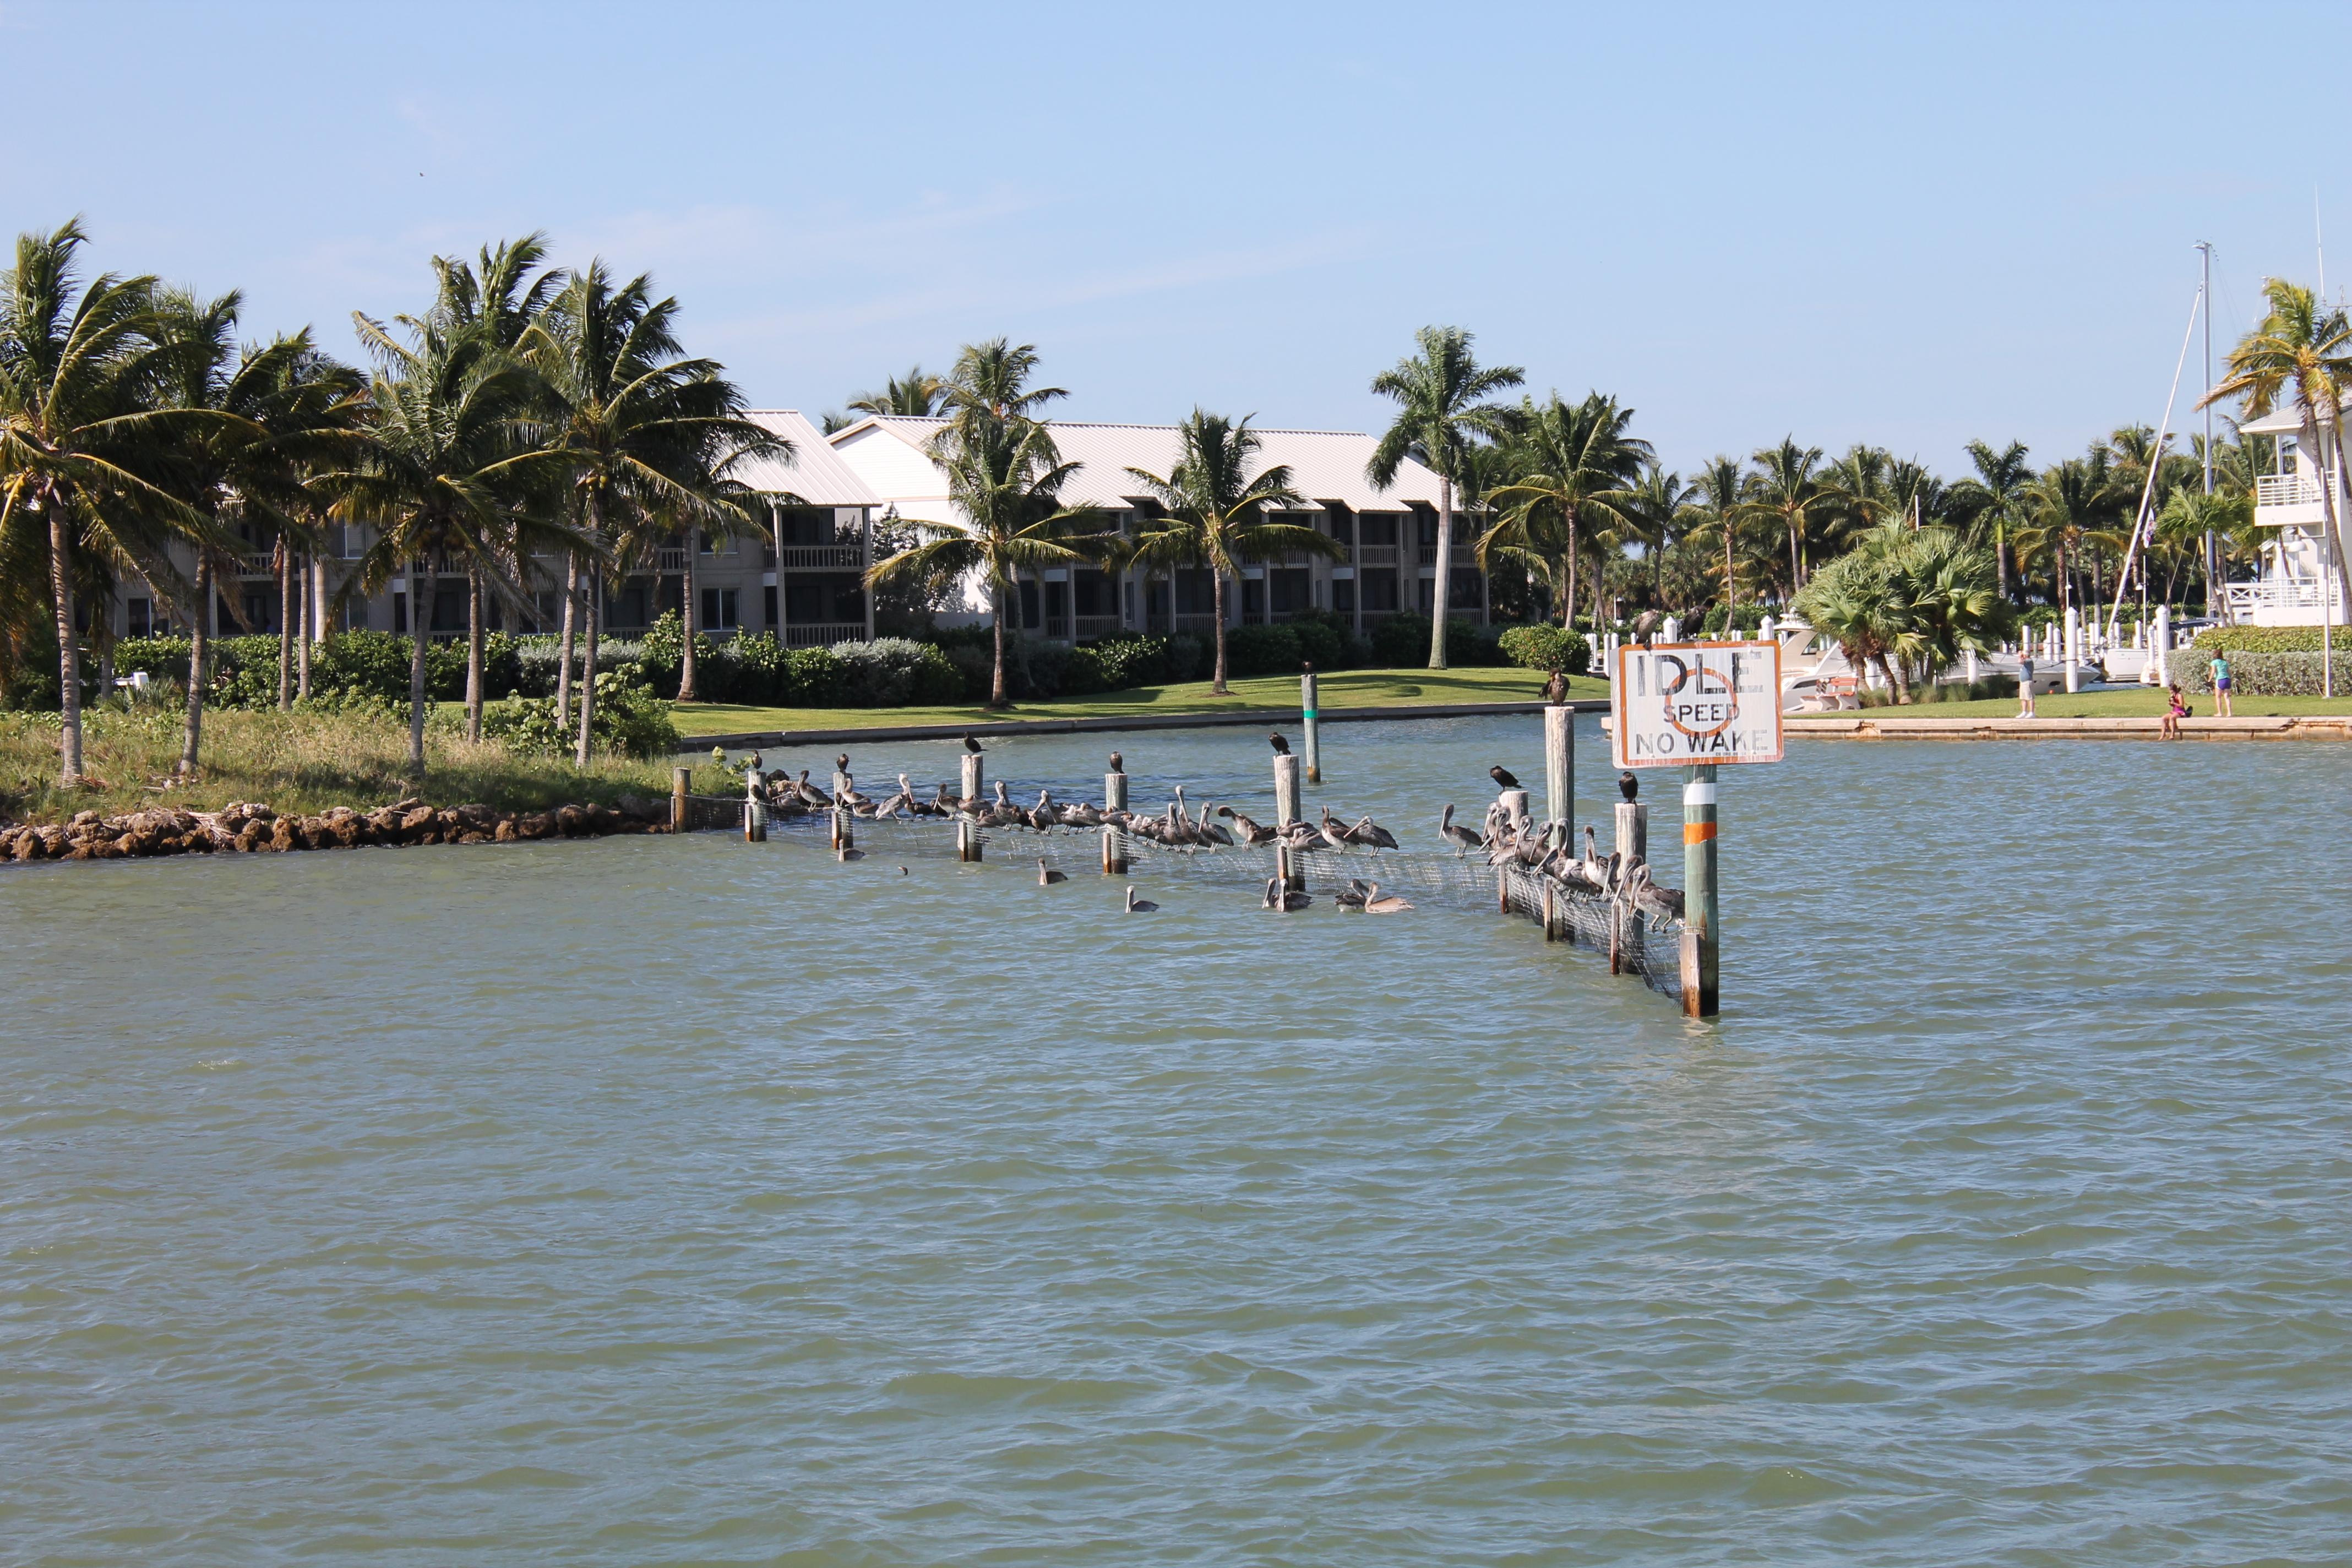 Pelikanen bij Cabbage Key